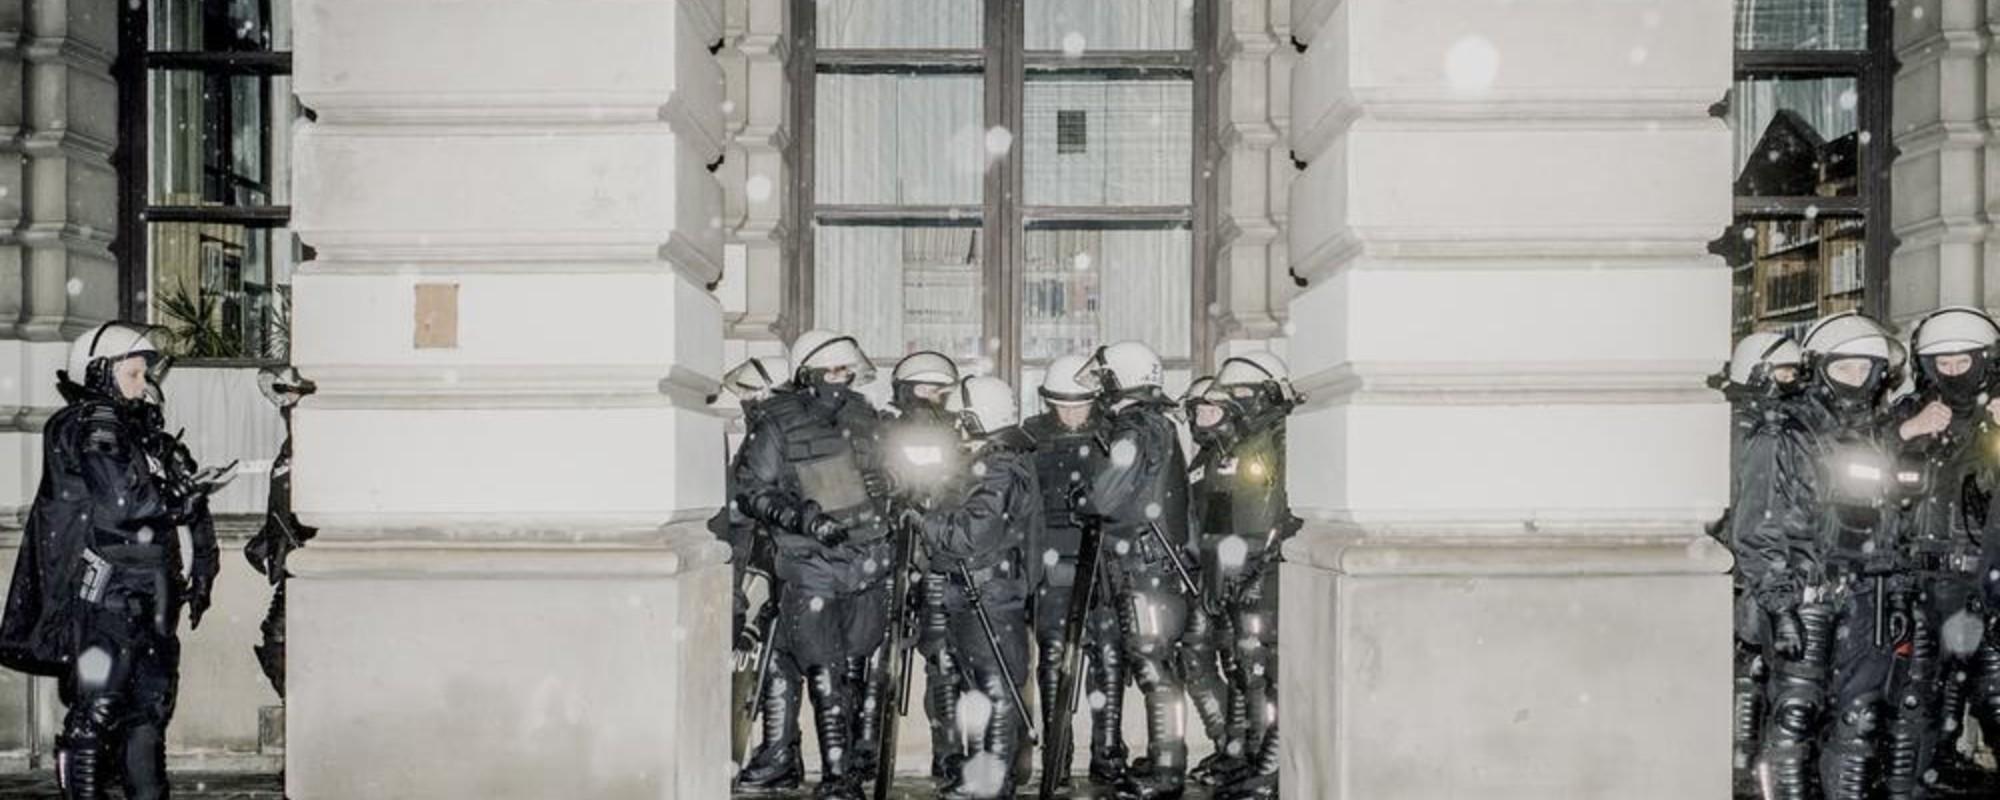 Fotografii cu jandarmi polonezi plictisiți și înghețați de frig